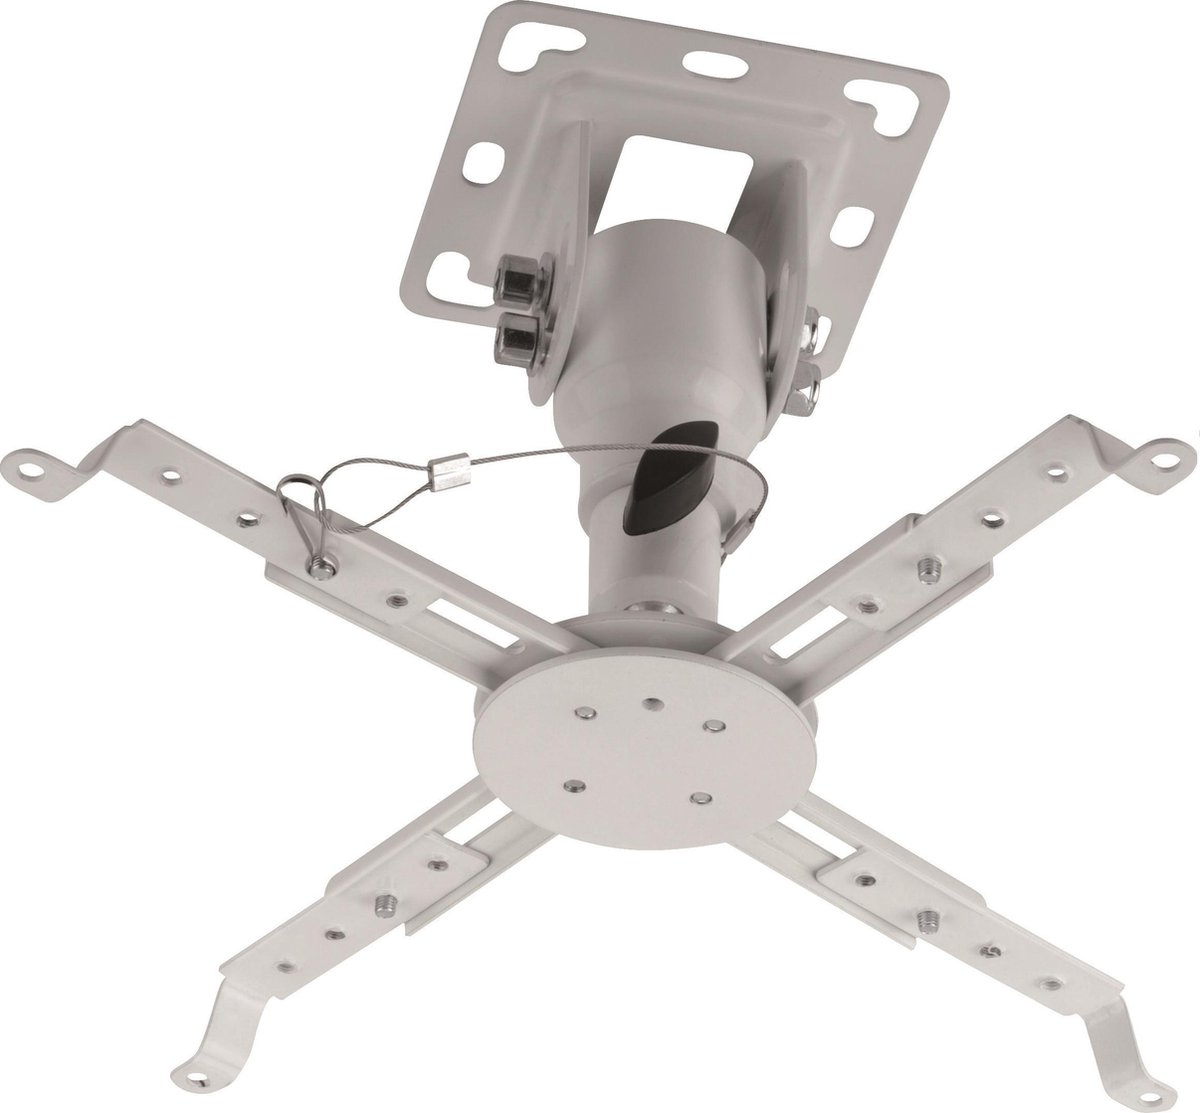 Full Motion Universele Beamer Plafondbeugel - Plafond Steun Ophang Beugel - Draaibaar En Kantelbaar